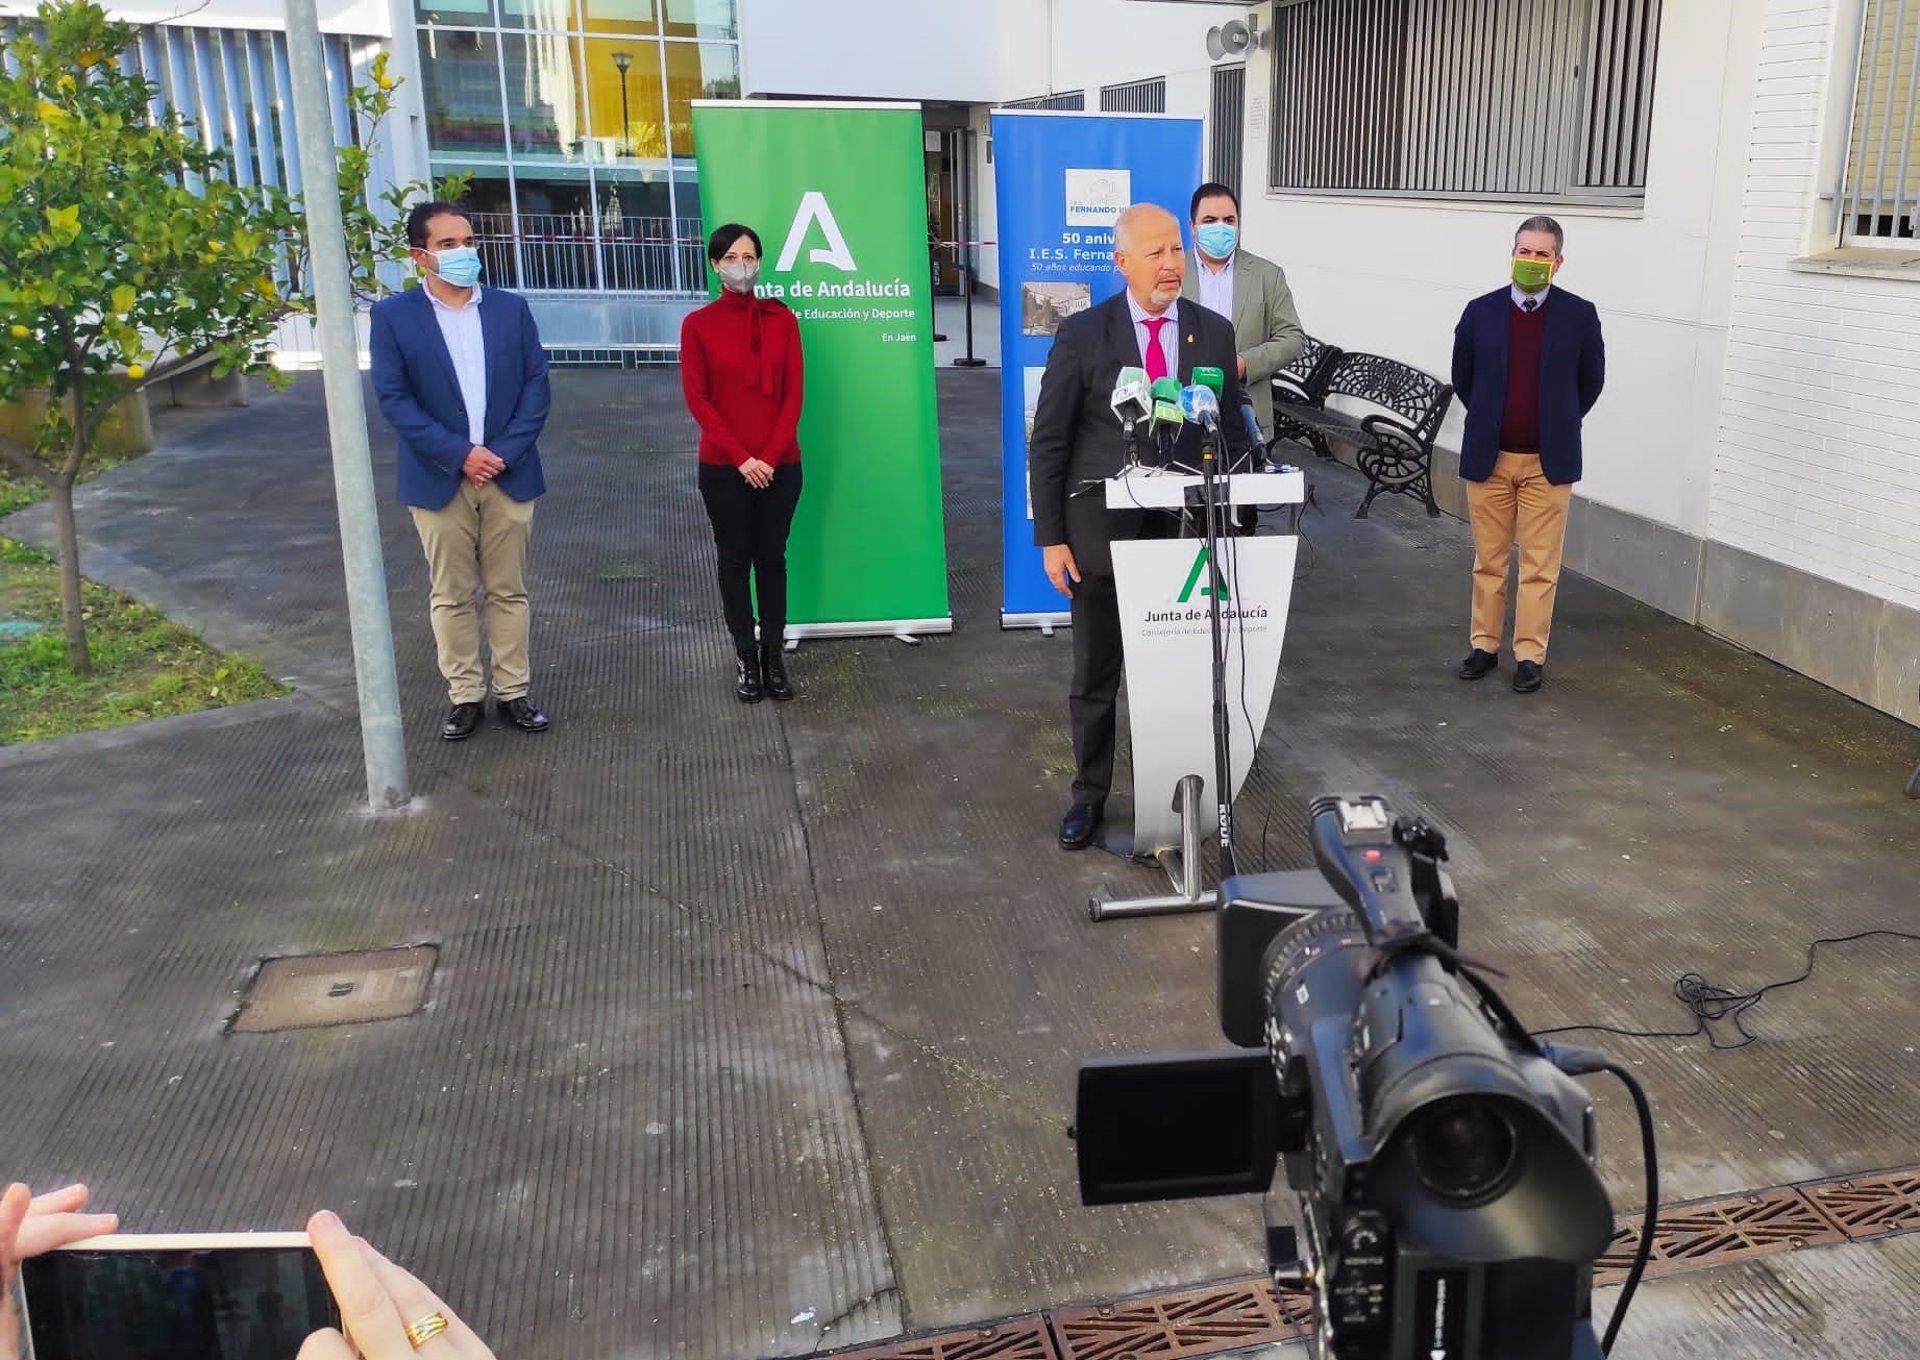 Imbroda reitera que los centros son «seguros» y pide prudencia y respeto hacia expertos sanitarios